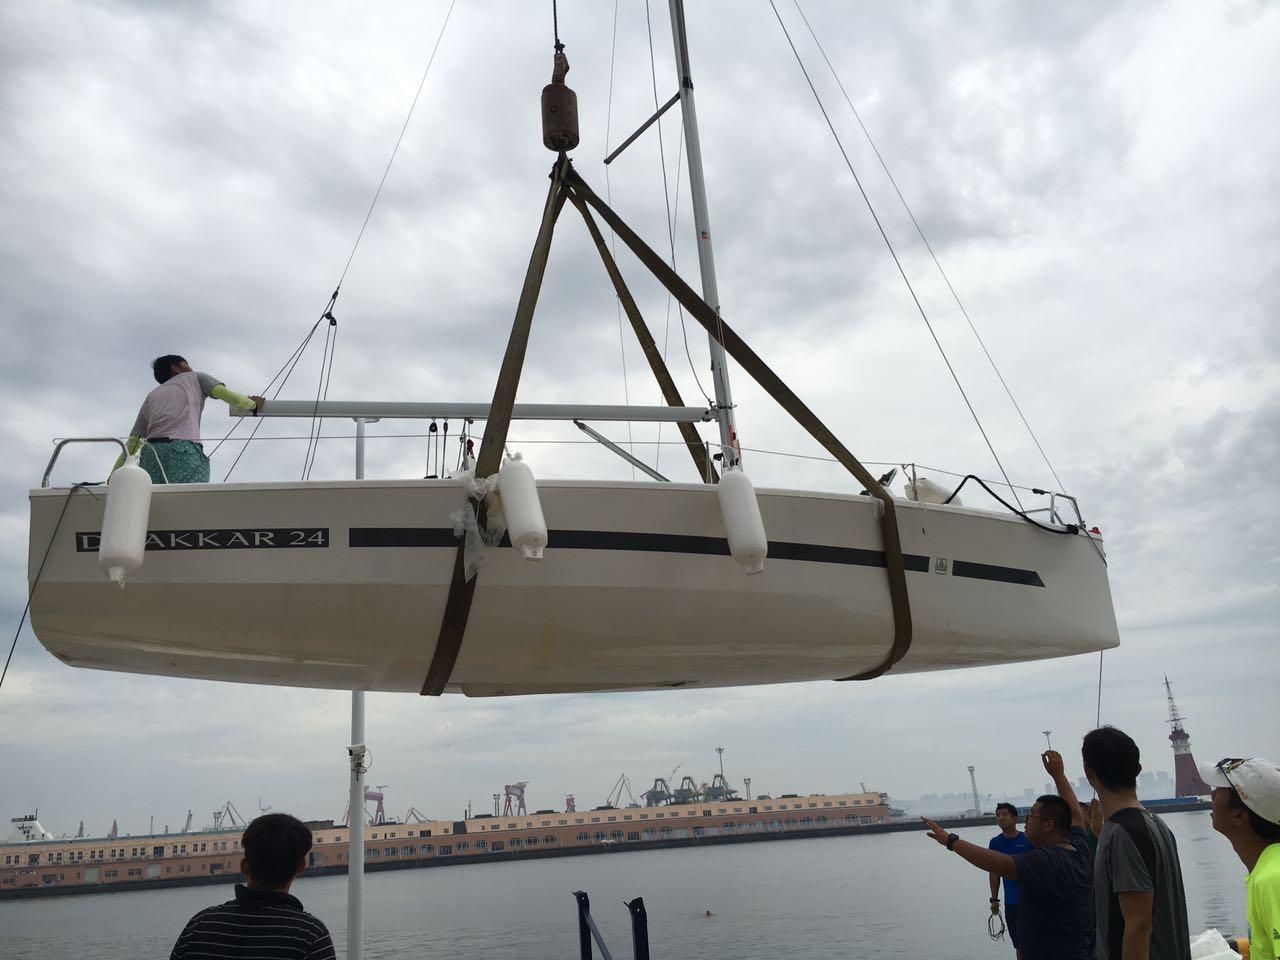 地下水,帆船,游泳 八条DUFOUR-达卡24尺帆船全部成功落地下水! 4.jpg